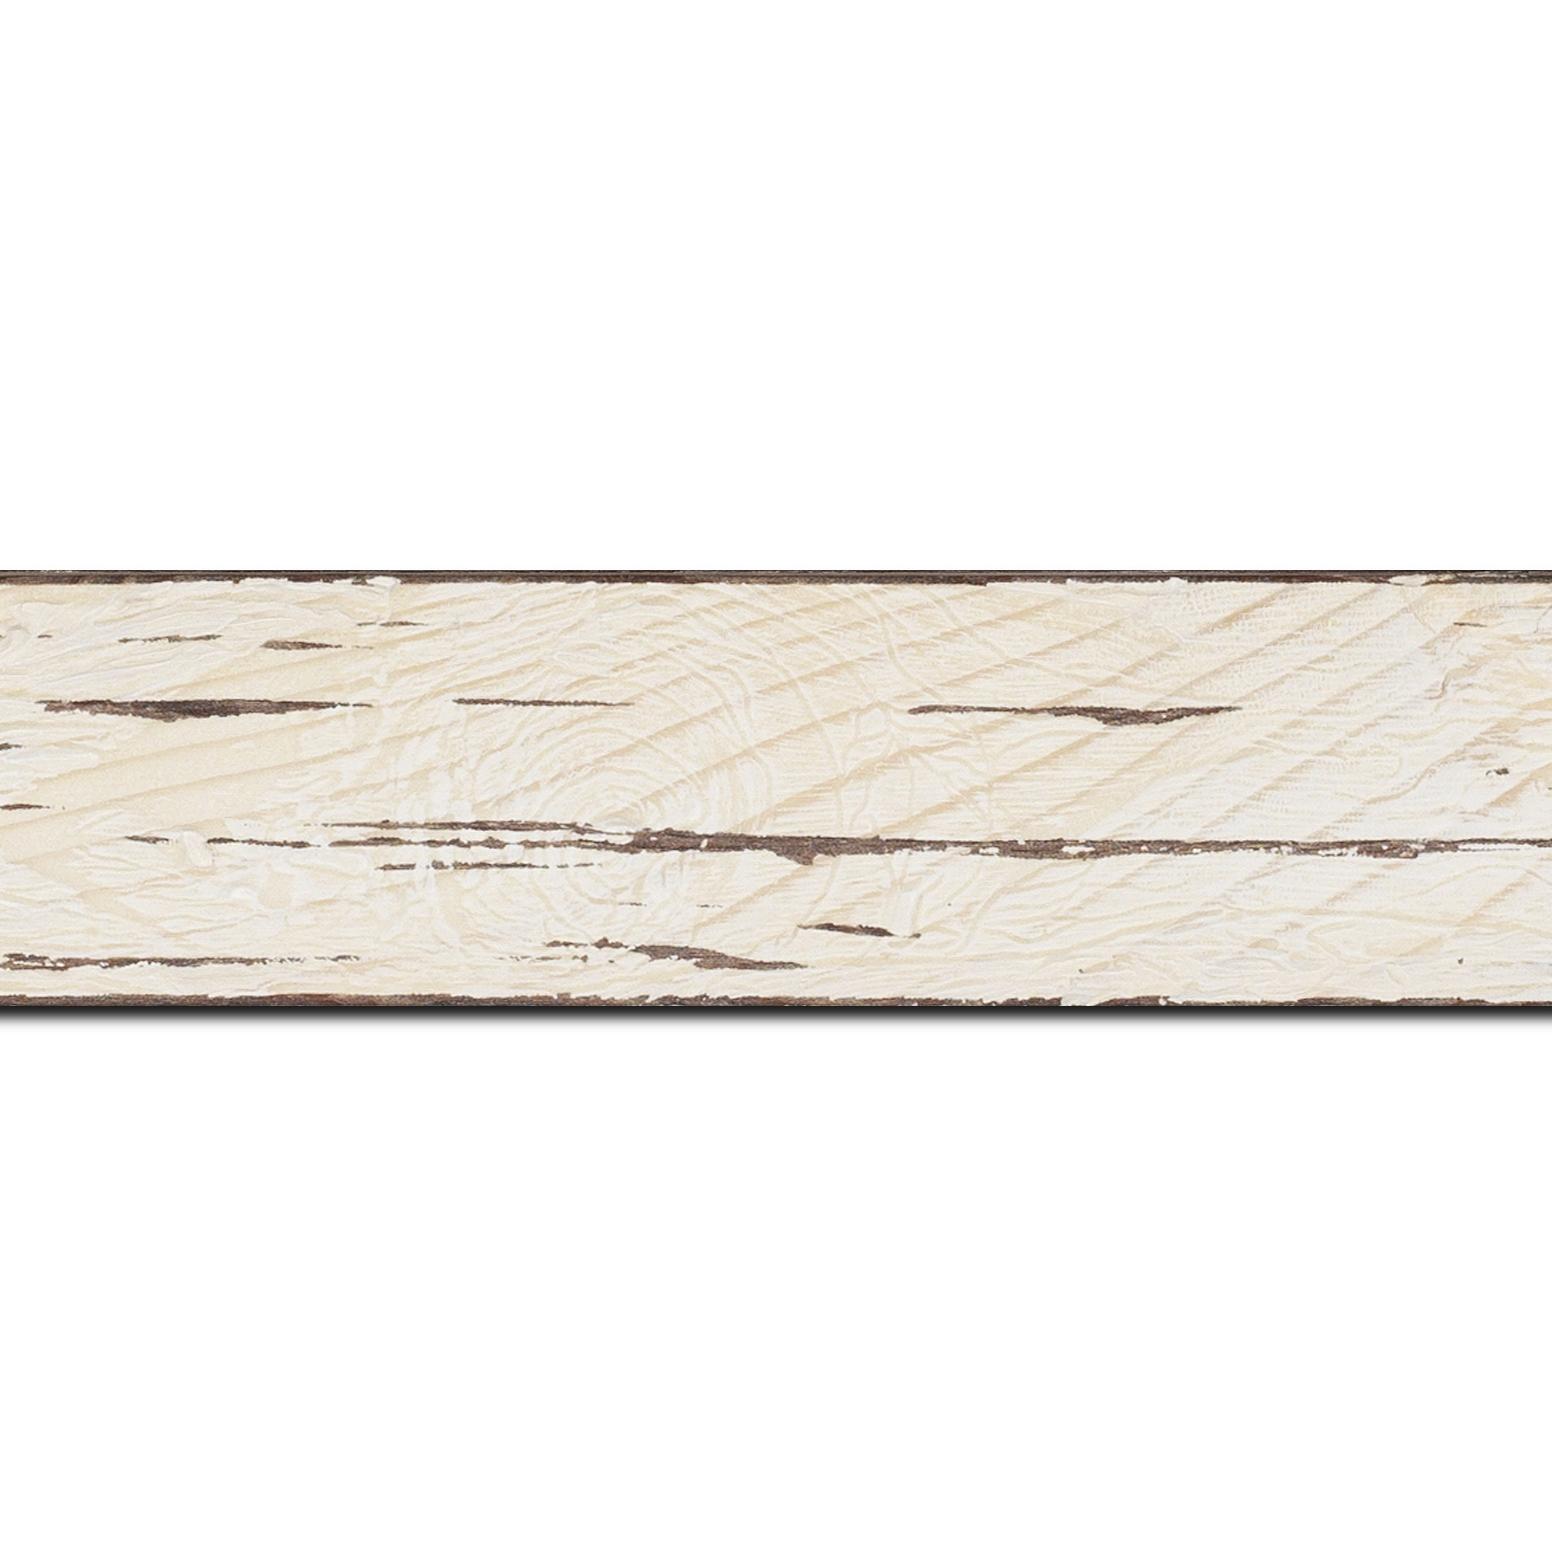 Baguette longueur 1.40m bois profil plat largeur 4.3cm couleur blanchie finition aspect vieilli antique